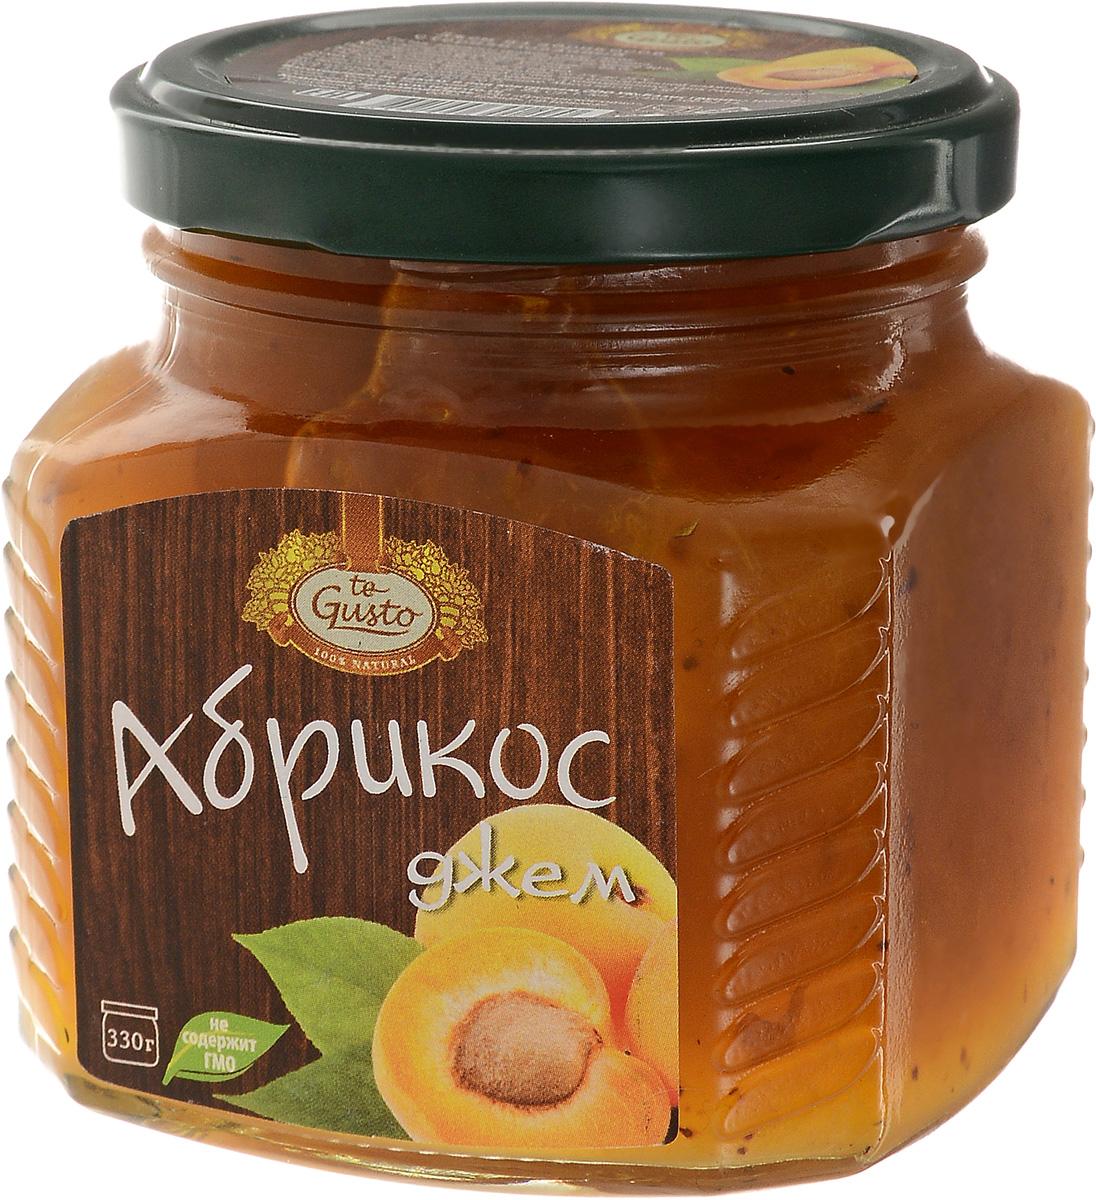 te Gusto Джем из абрикосов, 330 г4657155301290Ароматный джем te Gusto сварен из абрикосов, имеет желеобразную консистенцию с крупными кусочками фруктов. Для приготовления используются только свежие, тщательно отобранные плоды, созревшие в экологически чистых местах.Продукт не содержит ГМО. Абрикос, входящий в состав джема очень полезен для организма, так как содержит большое количество витаминов, таких как А, В, С, Е, Р, РР , а также микро- и макроэлементов, среди которых фосфор, калий, магний, натрий, железо и йод.Абрикосы способствуют пищеварению, выводят из кишечника шлаки, улучшают работу сердечно-сосудистой системы, укрепляют иммунитет, помогают больным астмой, аритмией, ишемической болезни сердца.Уважаемые клиенты! Обращаем ваше внимание, что полный перечень состава продукта представлен на дополнительном изображении.